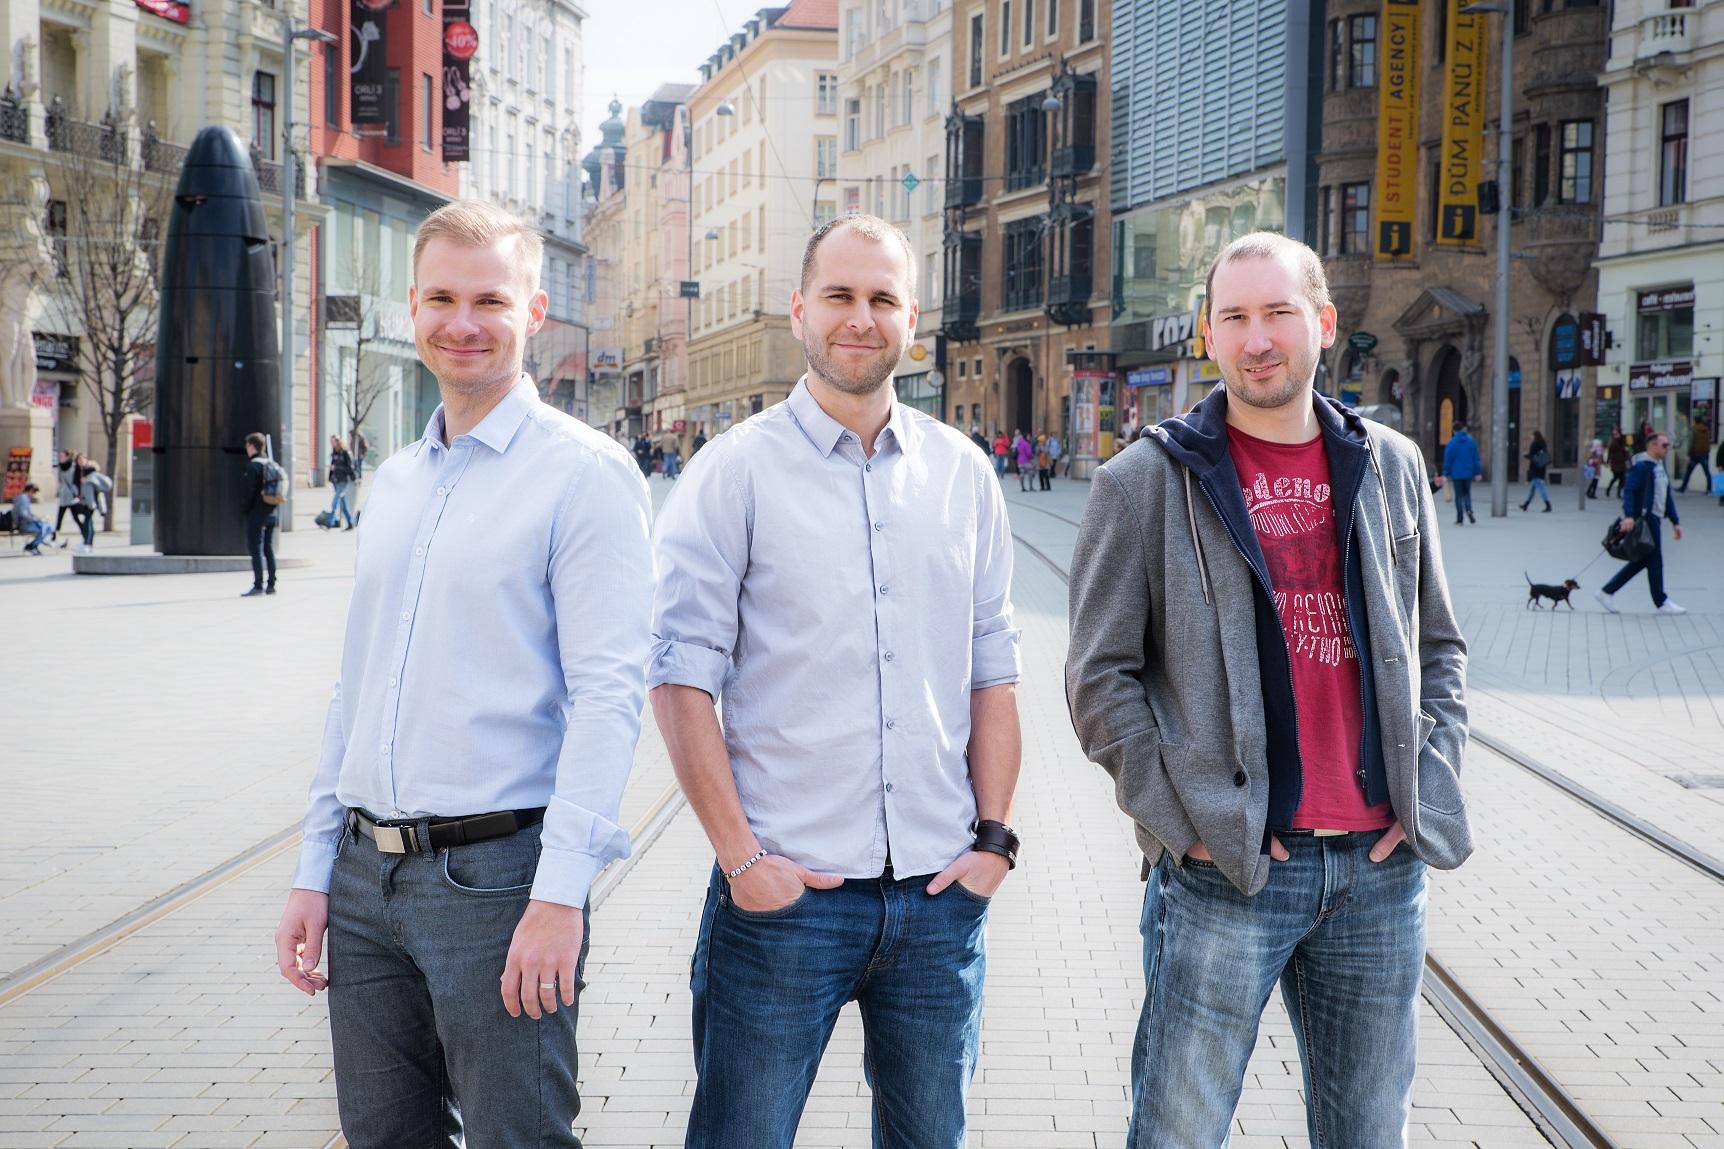 Zakladelé startupu Tomáš Brychta, Martin Březina, Johny Patera